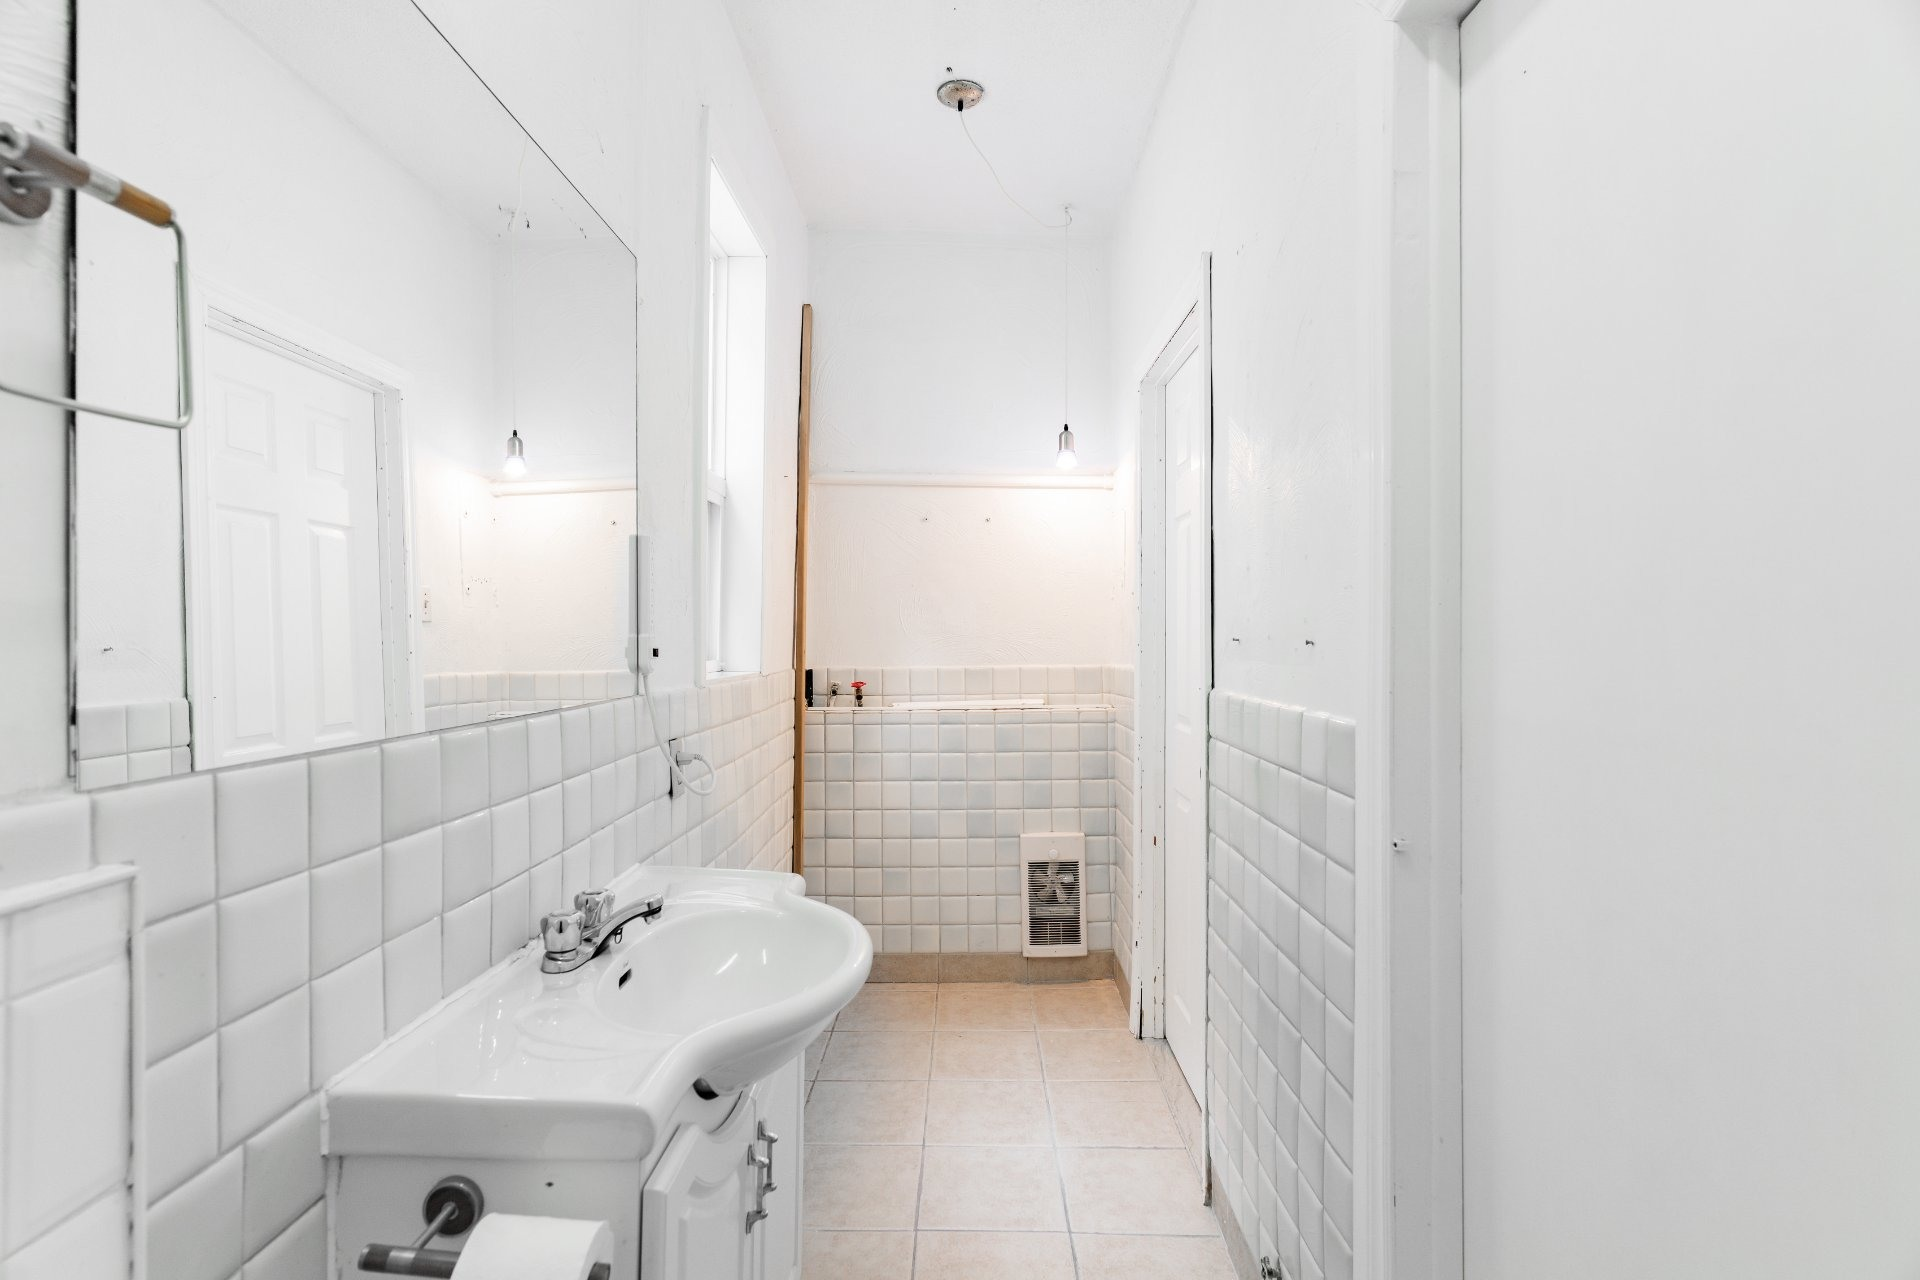 image 14 - Appartement À louer Rosemont/La Petite-Patrie Montréal  - 5 pièces